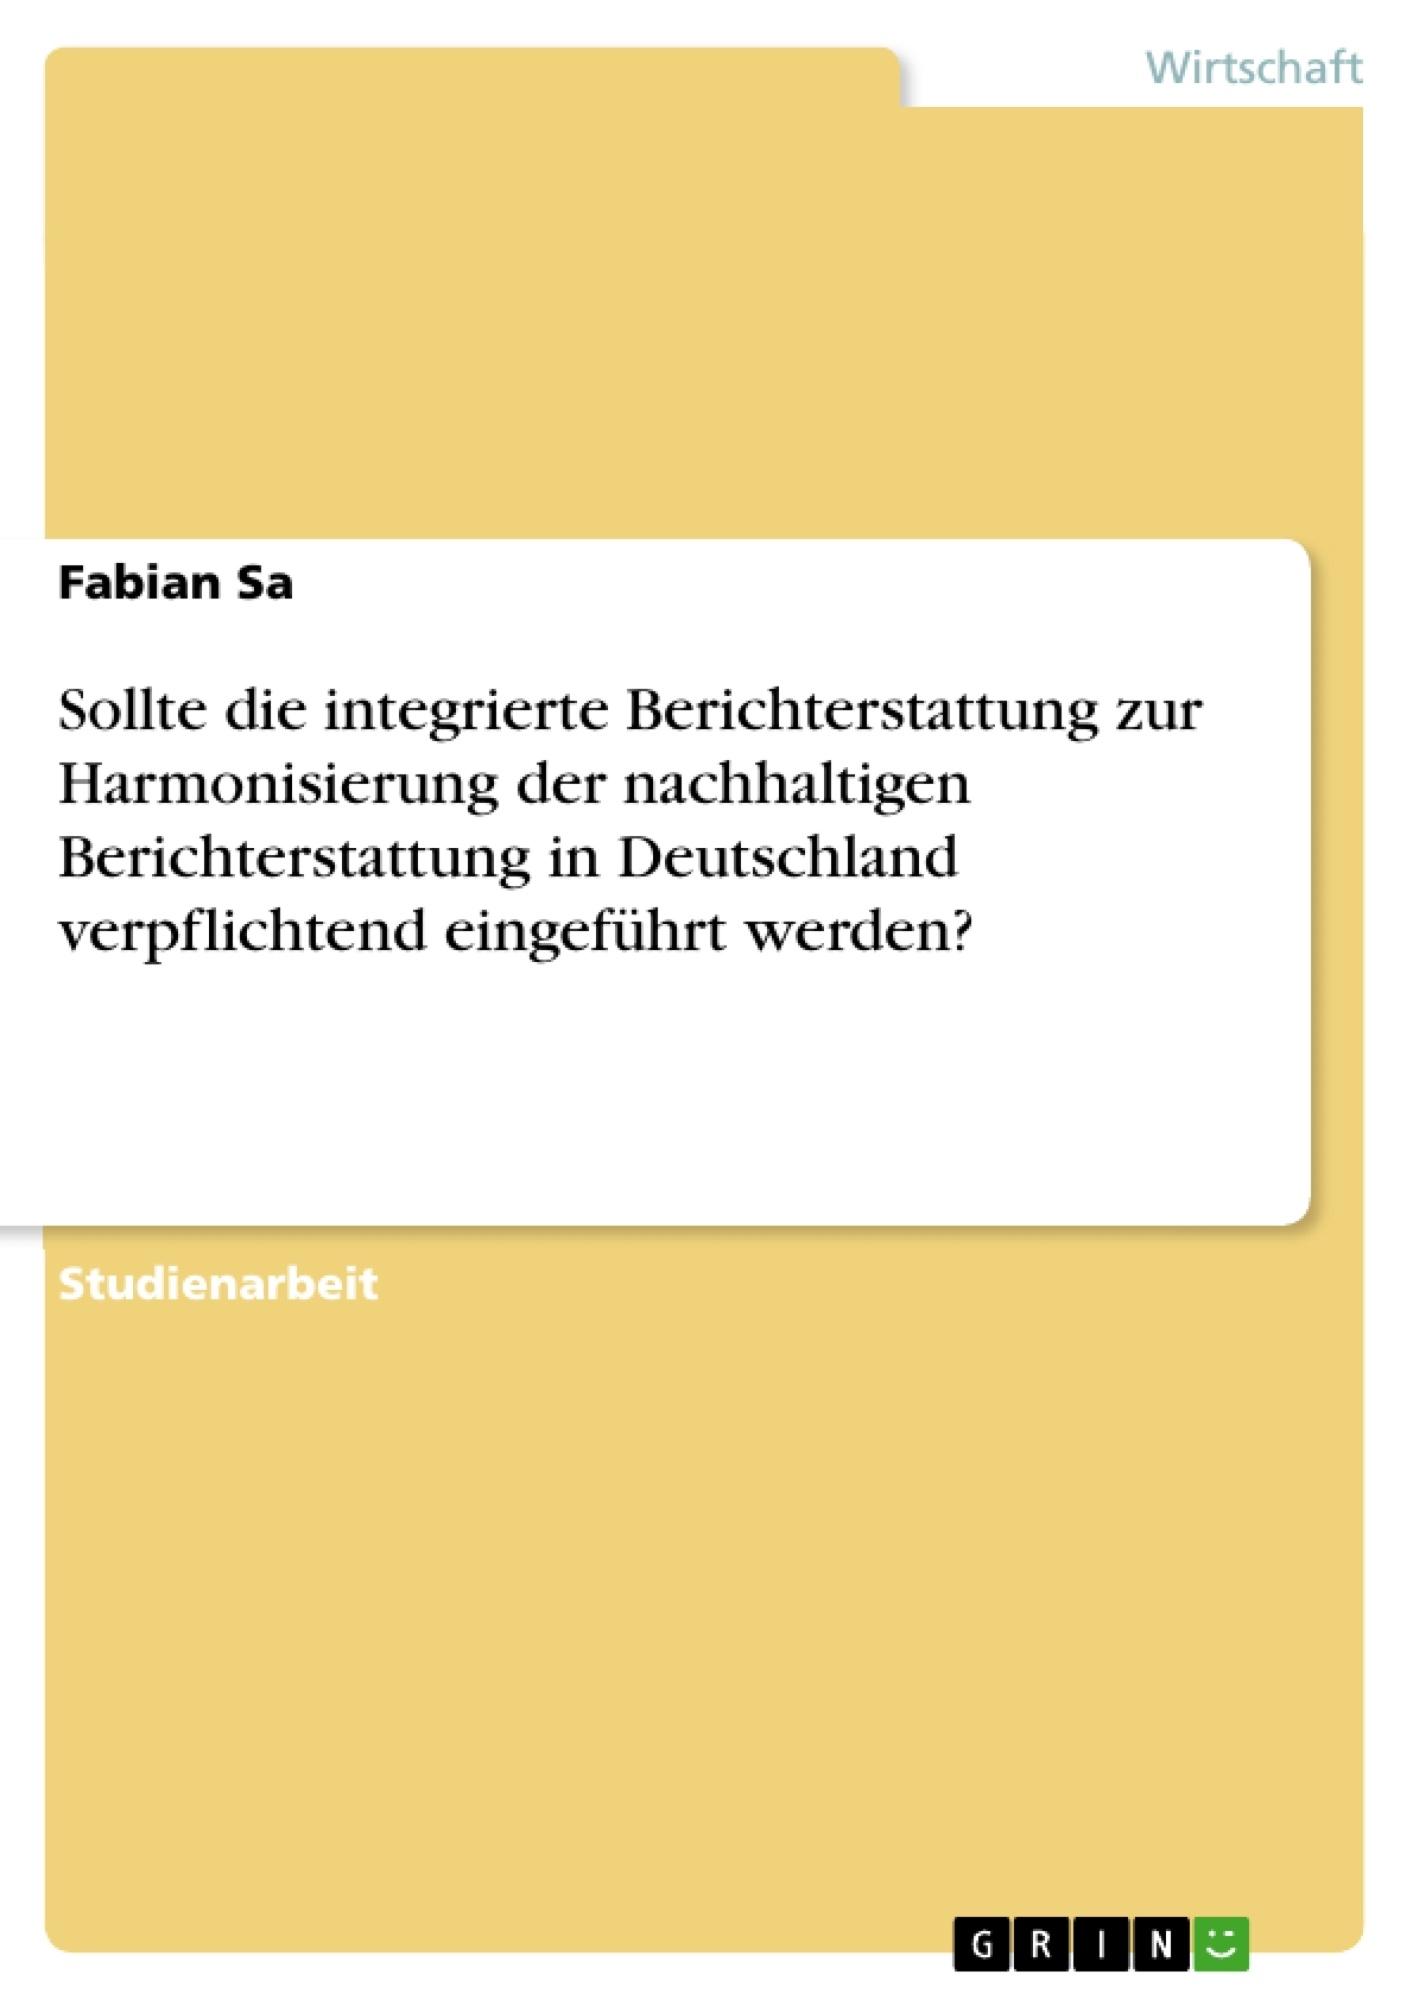 Titel: Sollte die integrierte Berichterstattung zur Harmonisierung der nachhaltigen Berichterstattung in Deutschland verpflichtend eingeführt werden?